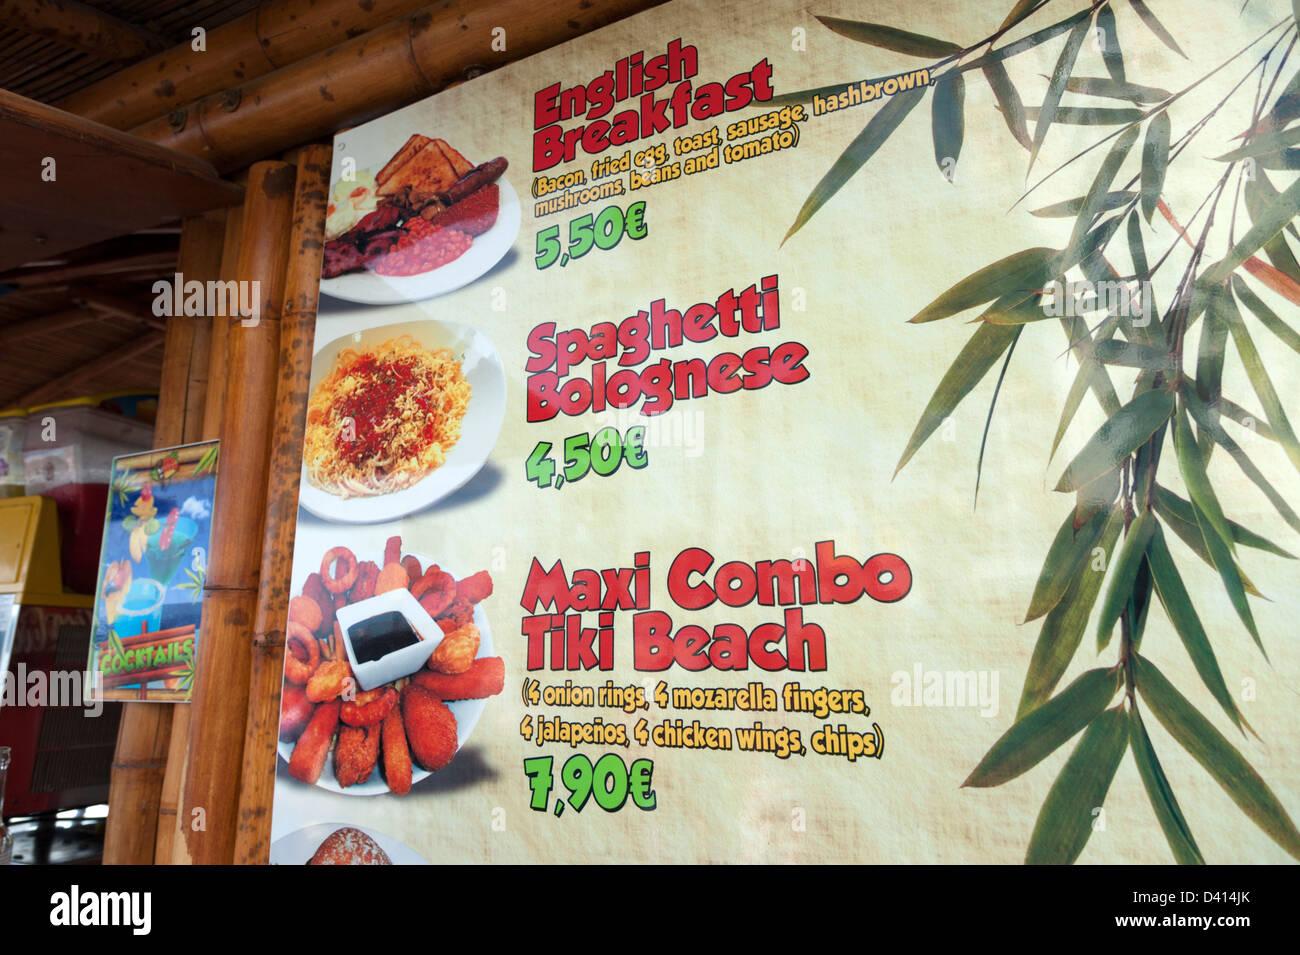 Menú de cafetería en la playa mostrando típica comida inglesa, Benidorm, Costa Blanca, España Imagen De Stock